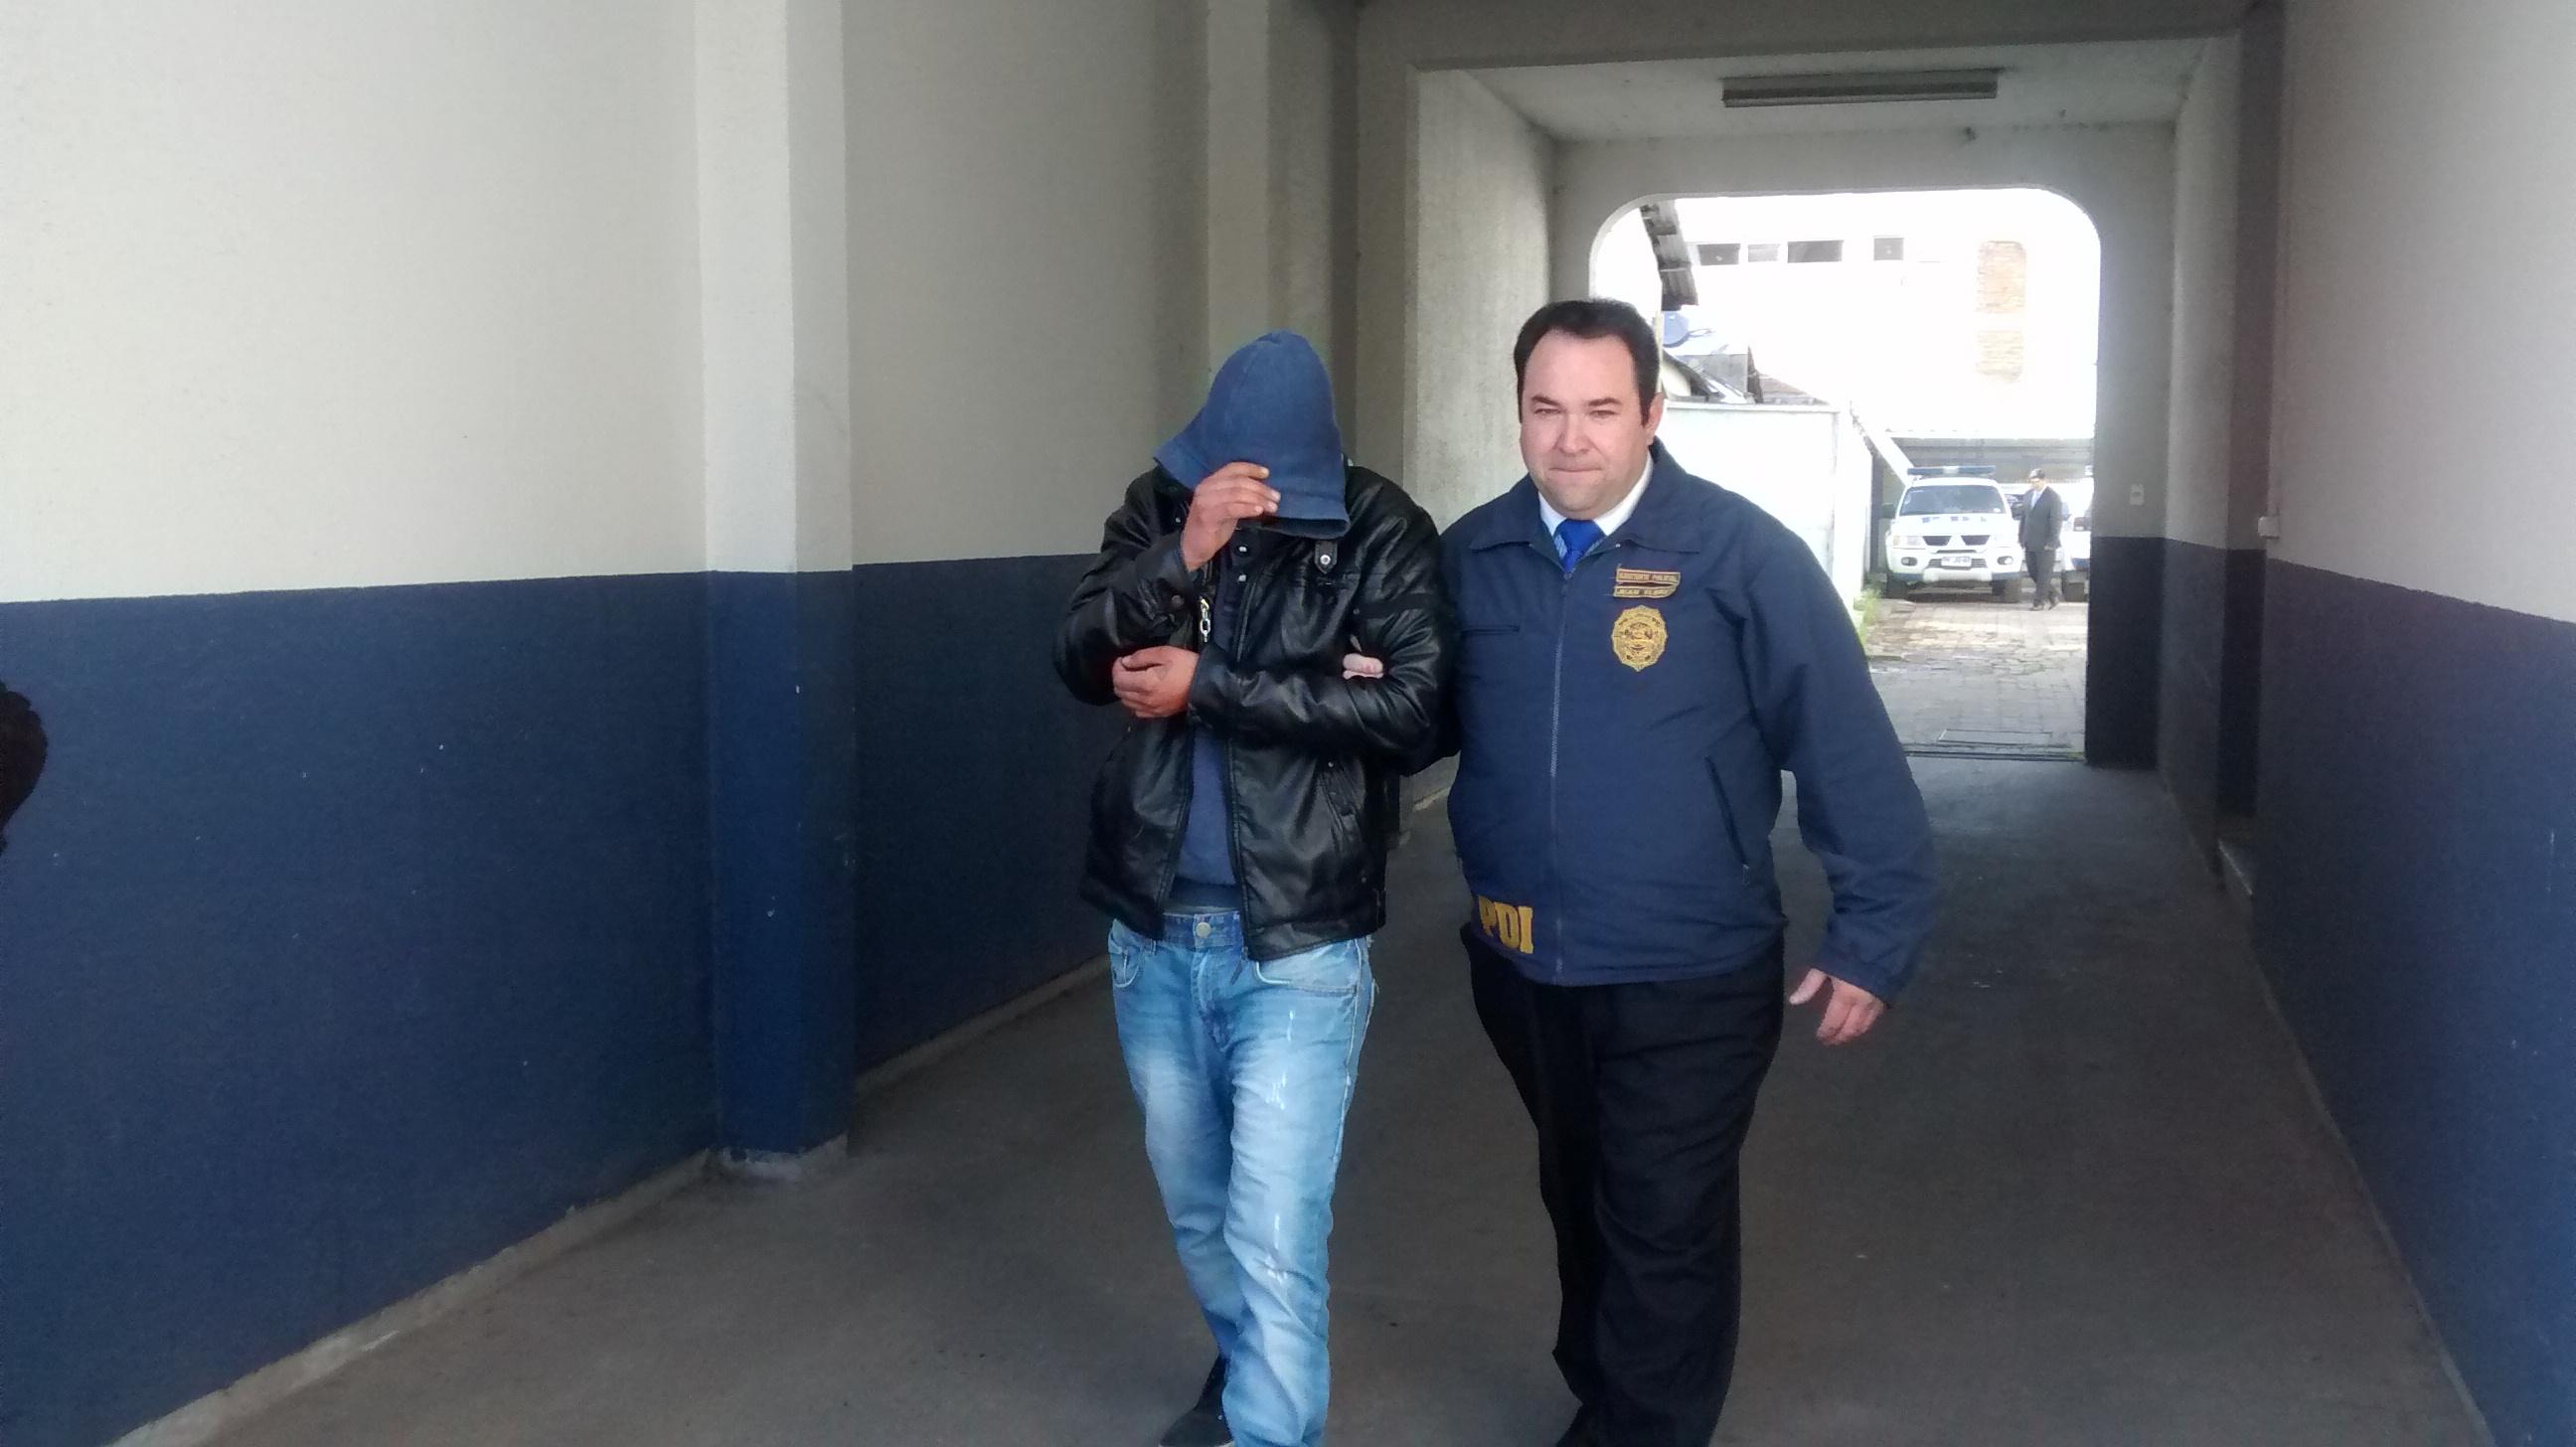 La PDI detiene a uno de los antisociales que participó en violento asalto a la empresa Pullman Cargo en Talca.